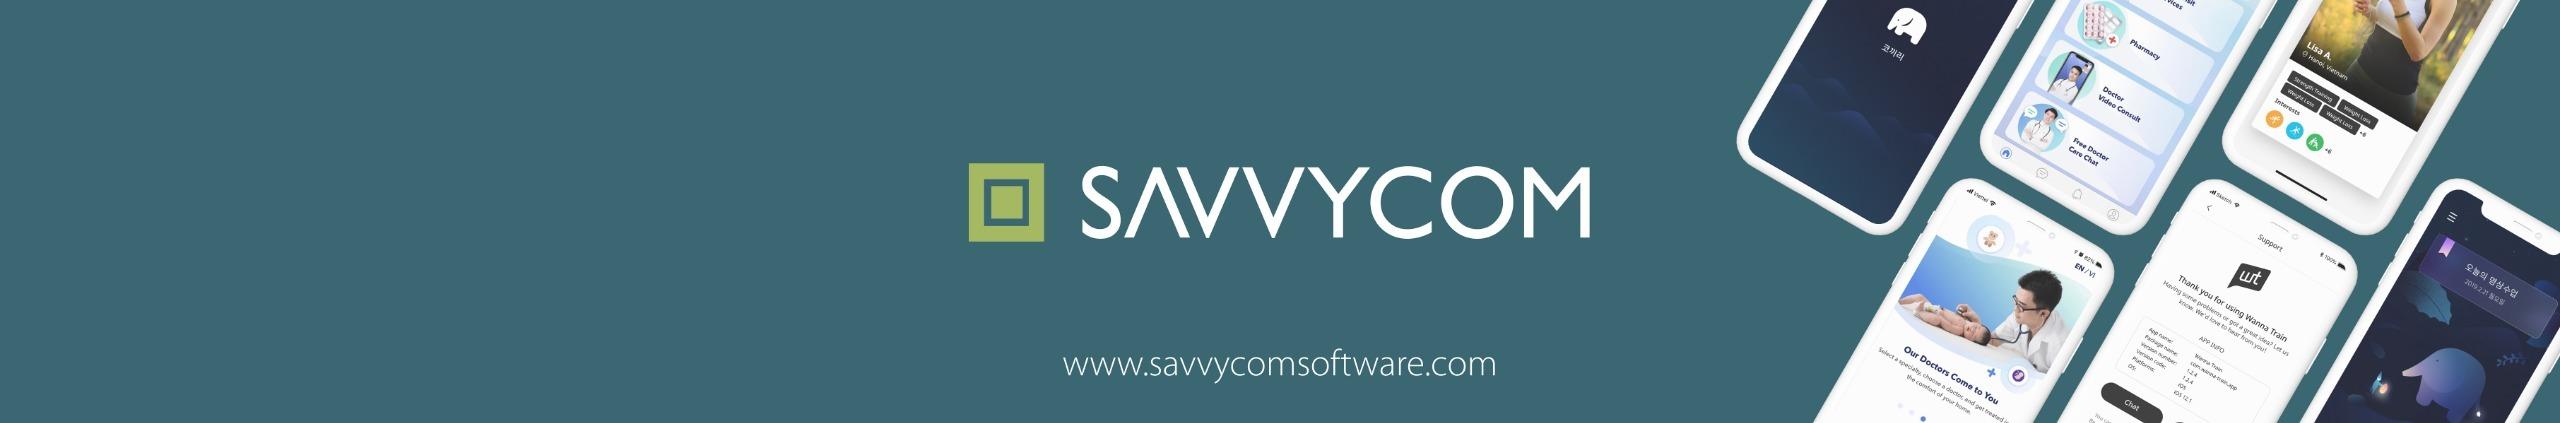 (@savvycom12) Cover Image